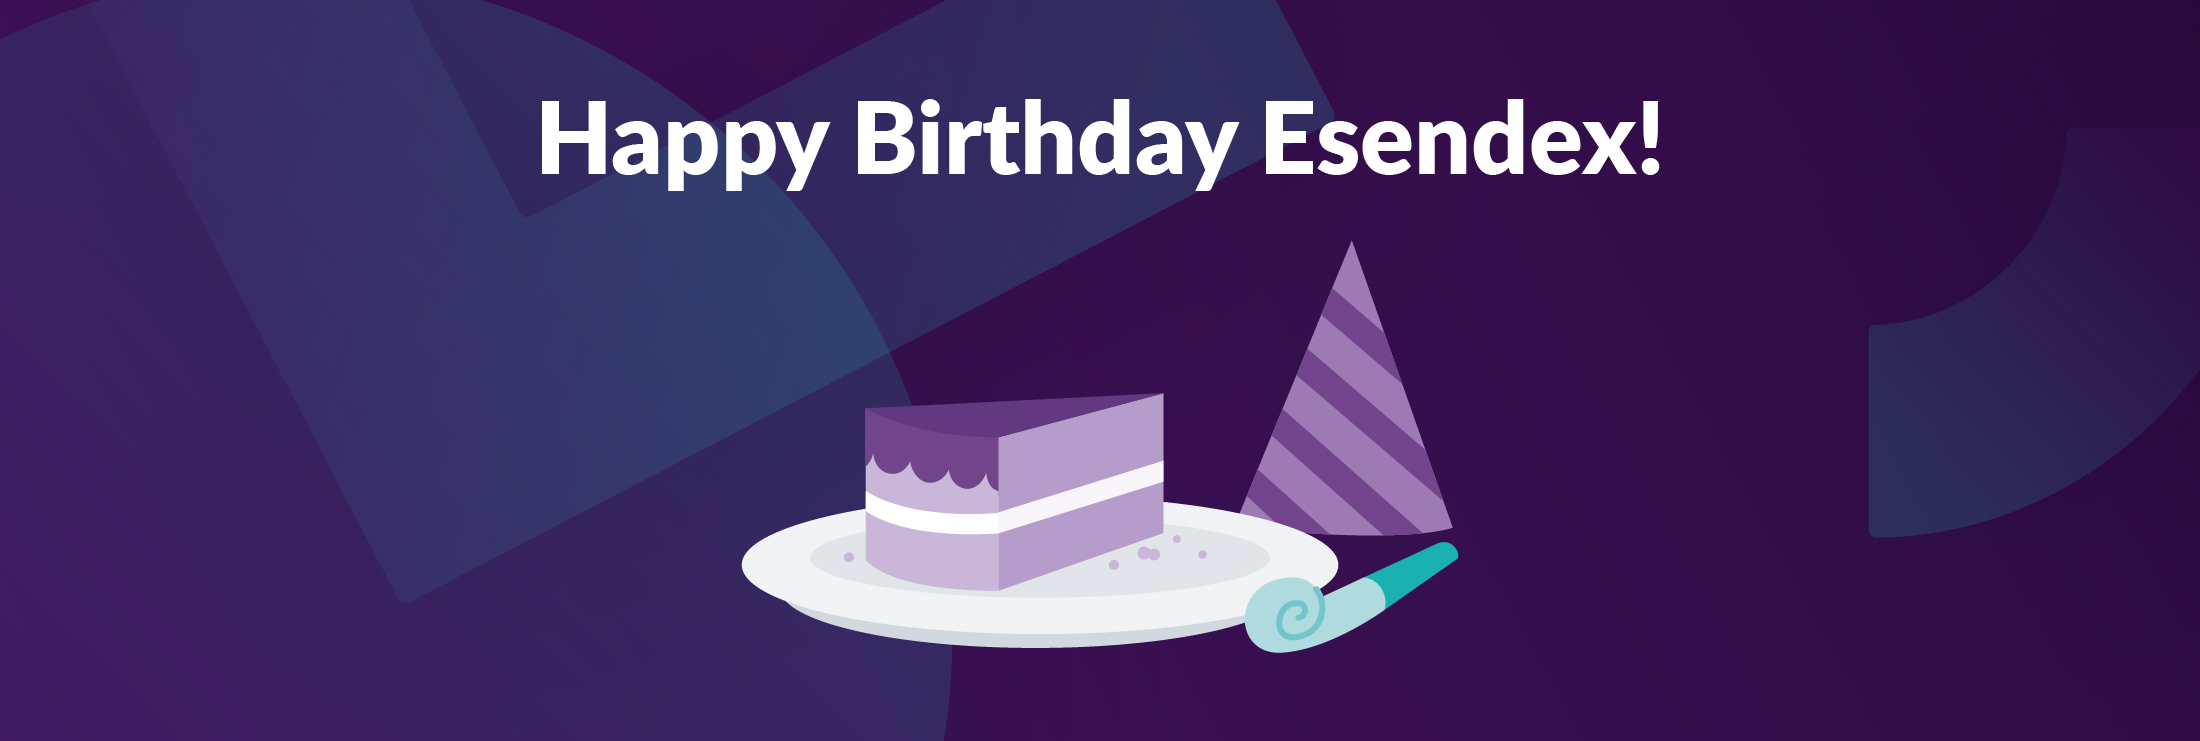 Happy birthday Esendex illustration